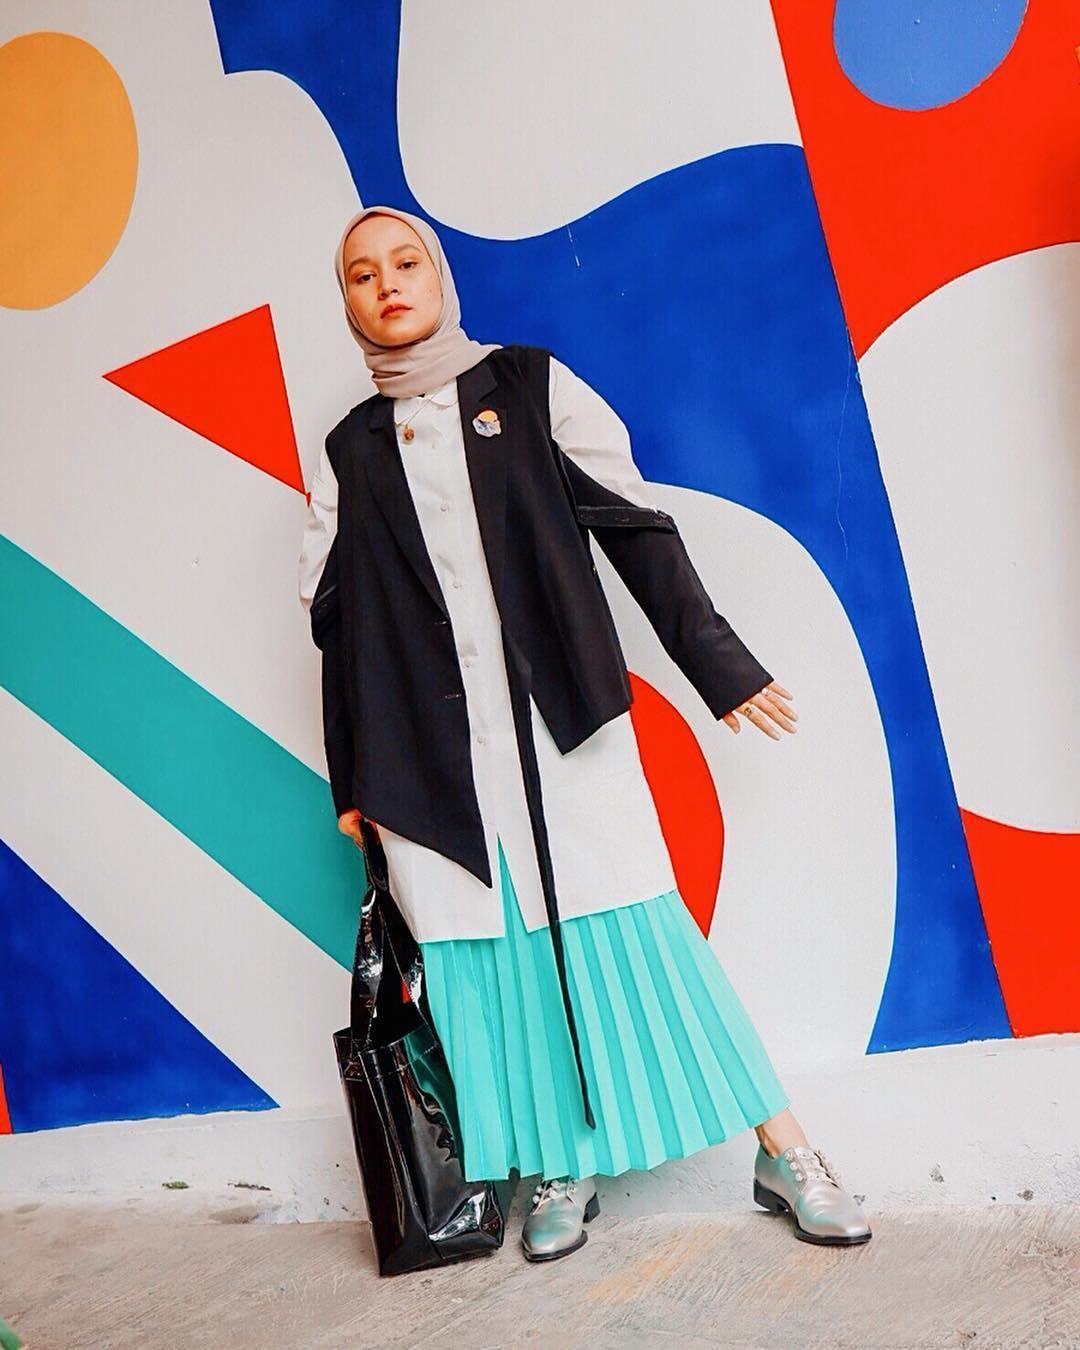 Tampil Lebih Ekstra, Simak 5 OOTD Hijab A la Selebgram Ini Yuk